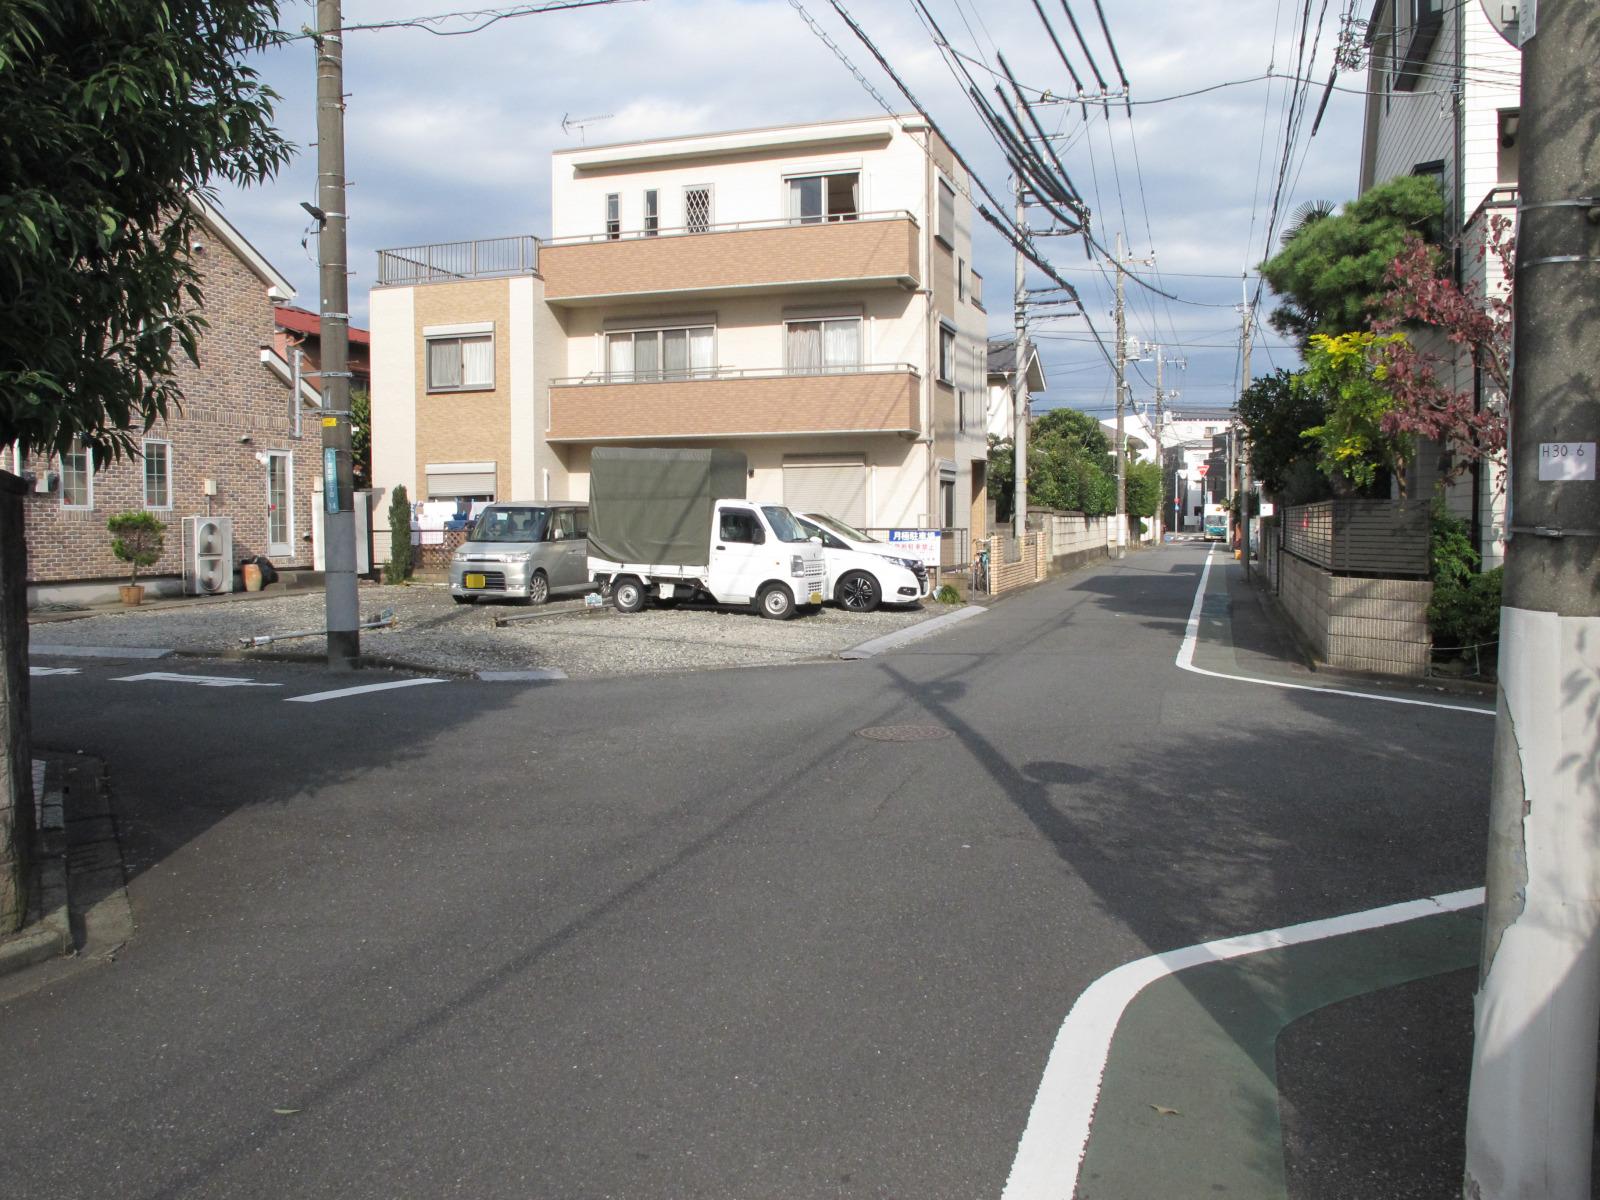 「覚えていますか「横断歩道は歩行者優先」。無視して通過すると大事故や罰則も! 」の5枚目の画像